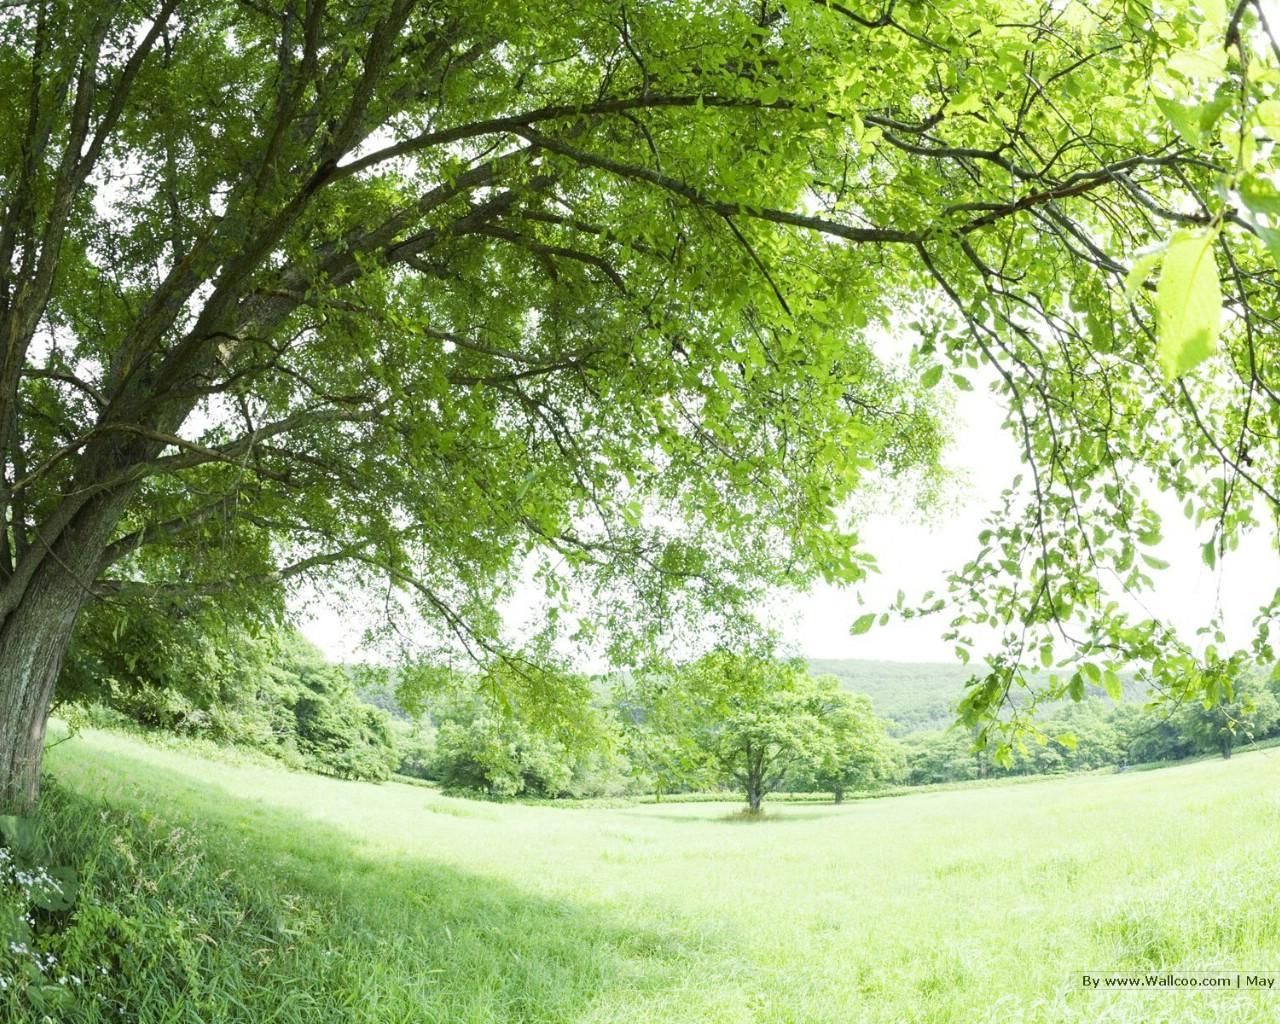 大树风景桌面壁纸_壁纸1280×1024夏天原野与树木图片 阳光草原风景壁纸,阳光草原 ...